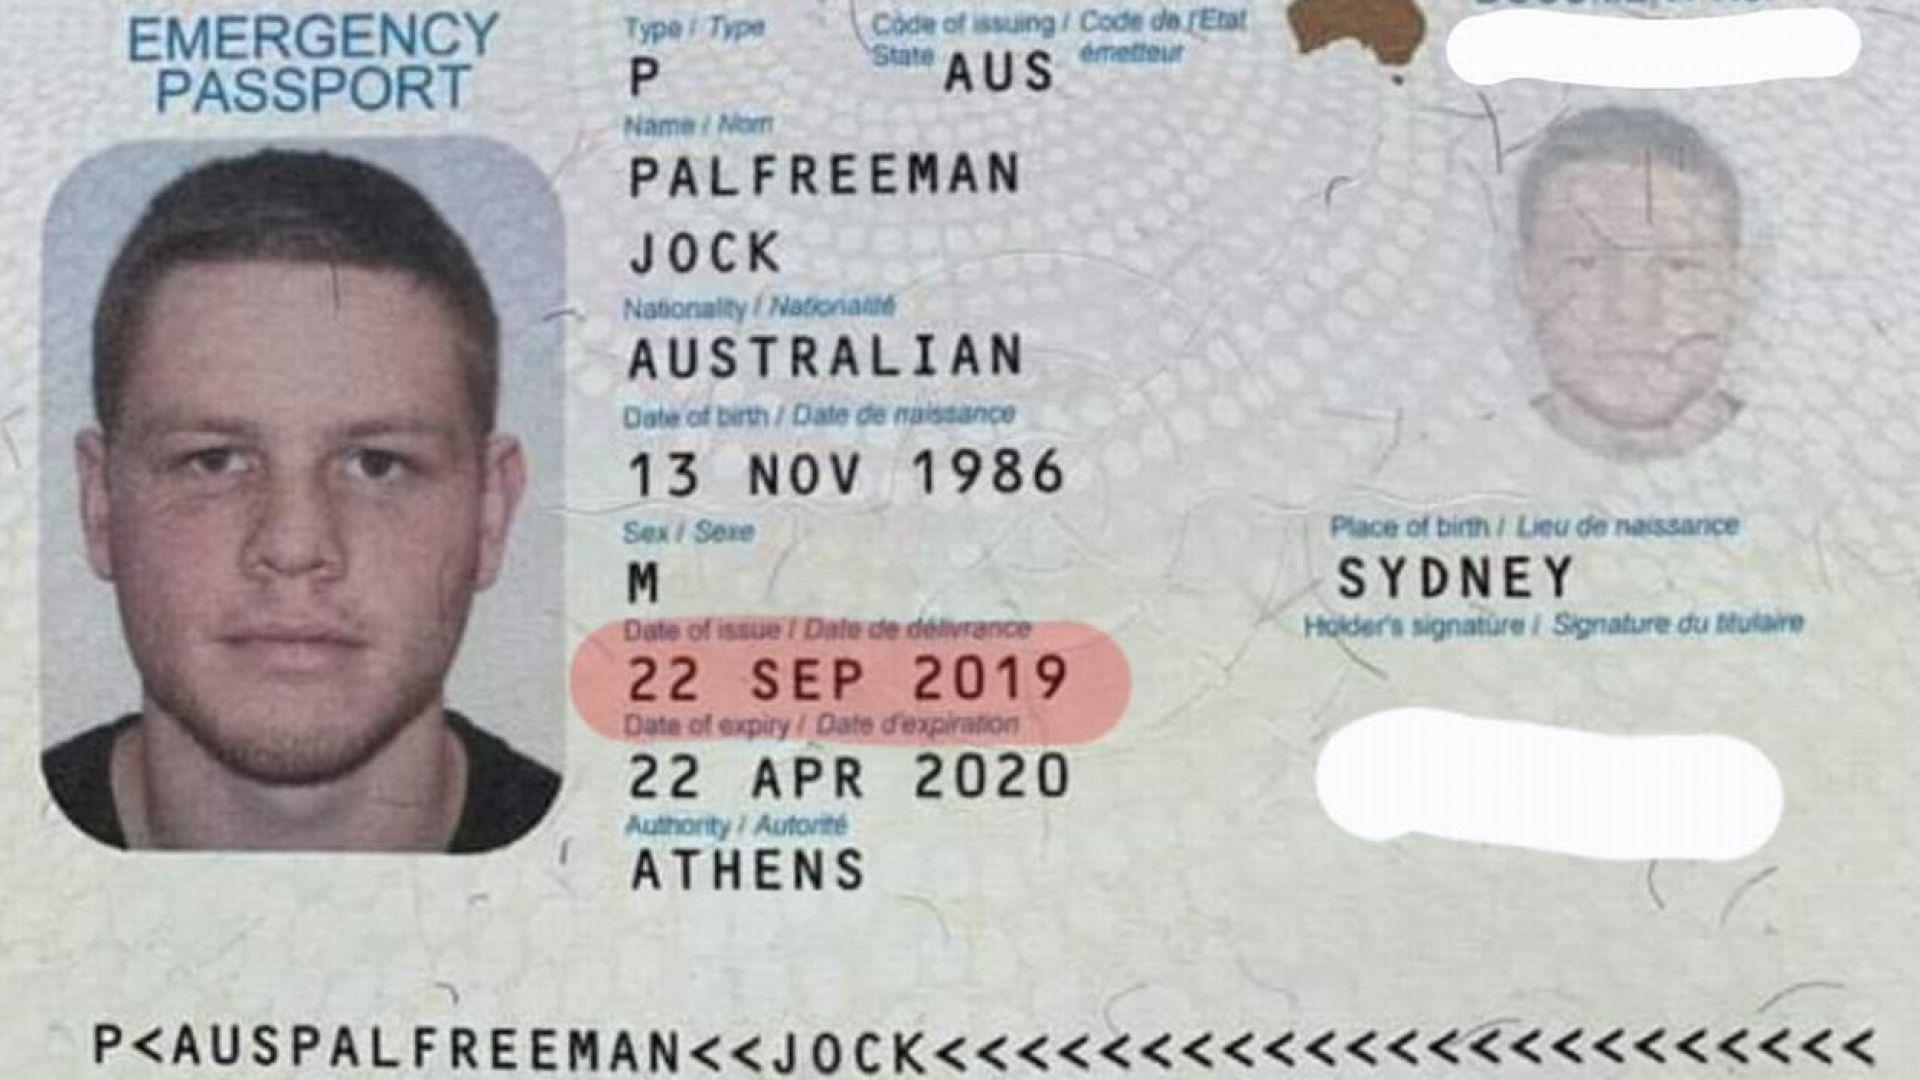 Джок Полфрийман има издадени документи, но не ги е получил